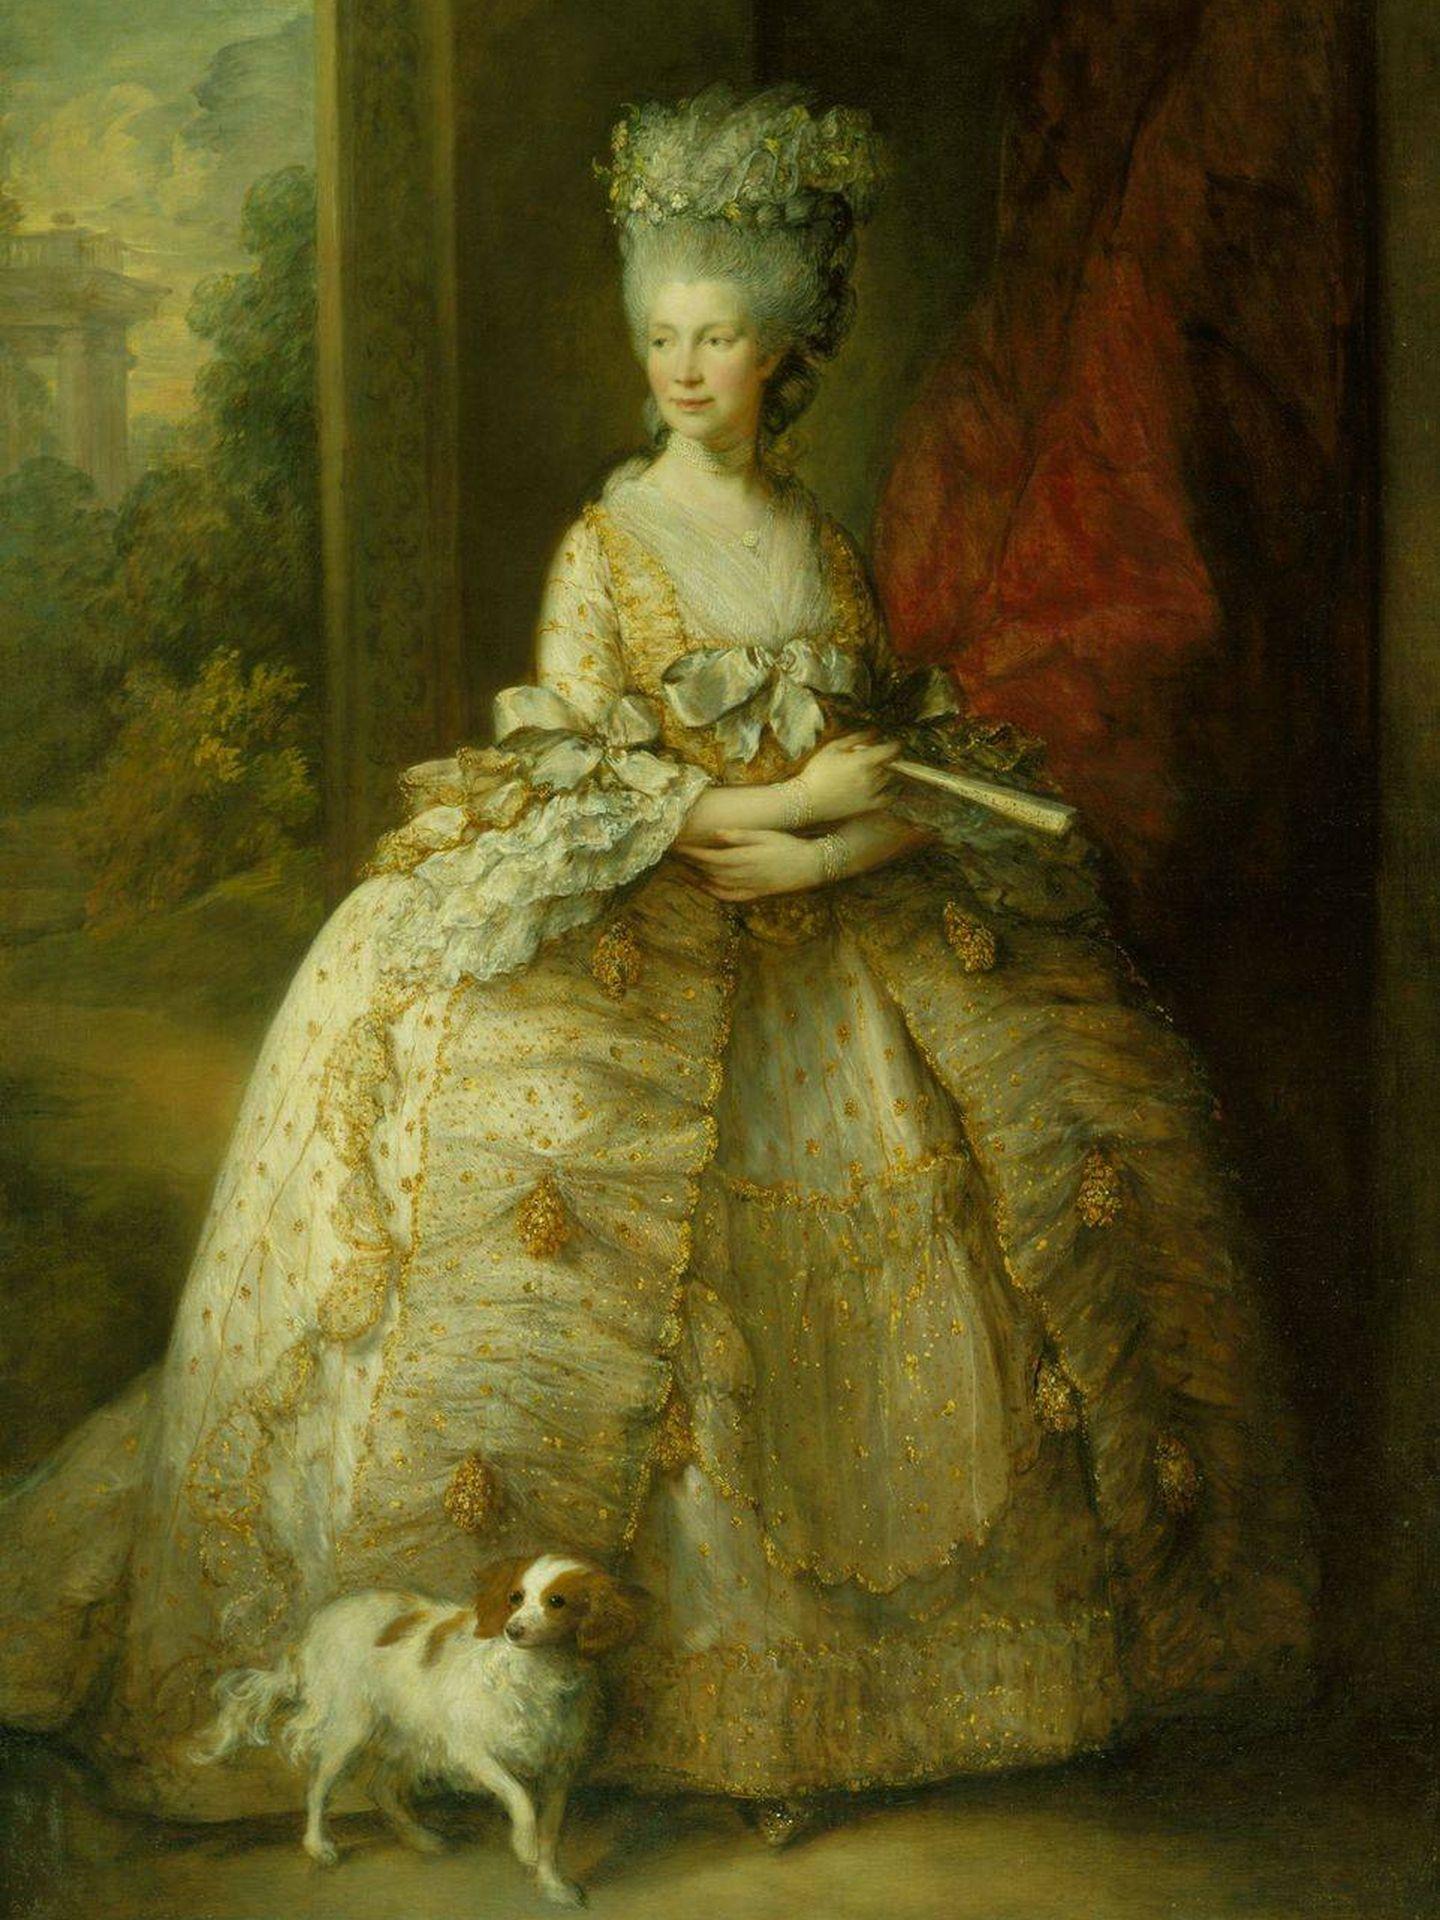 Retrato de la reina Charlotte.